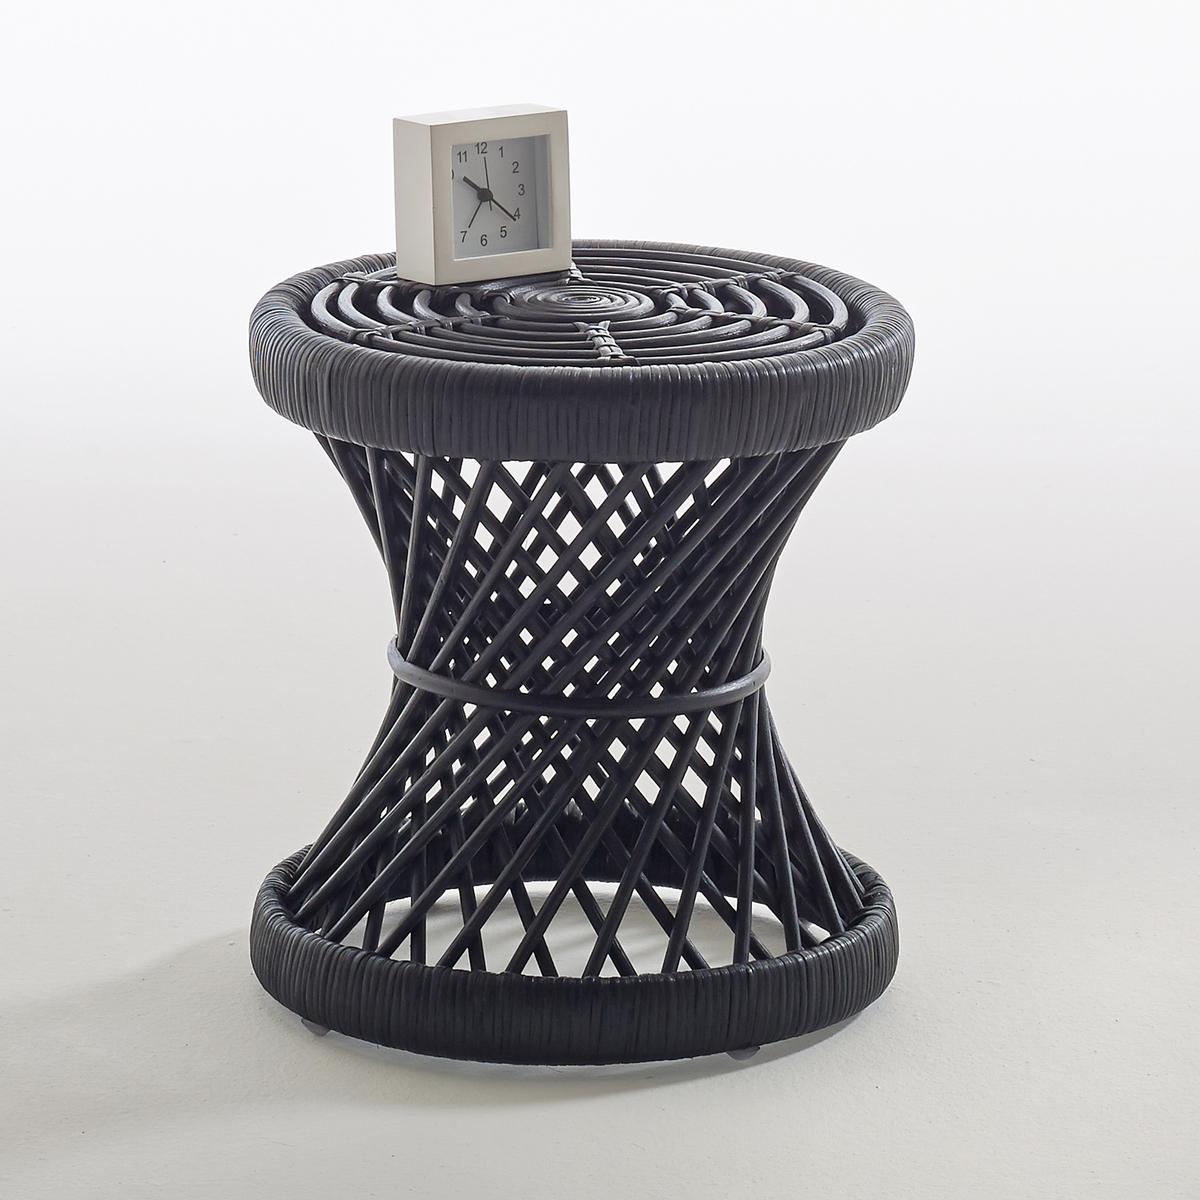 Тумба-табурет MaluХарактеристики тумбы-табурета Malu :Ажурные ножки и верх из плетеного ротанга.Обработка морилкой медового цвета или покрытие лаком черного цвета.Поставляется в собранном виде.Другие предметы мебели из коллекции  Malu на сайте laredoute.ru.Размеры :Диаметр : 35 см.Высота : 37 см.Размеры и вес упаковки :1 упаковкаШир. 37 x Выс. 38 x Гл. 37 см3 кг<br><br>Цвет: медовый,черный